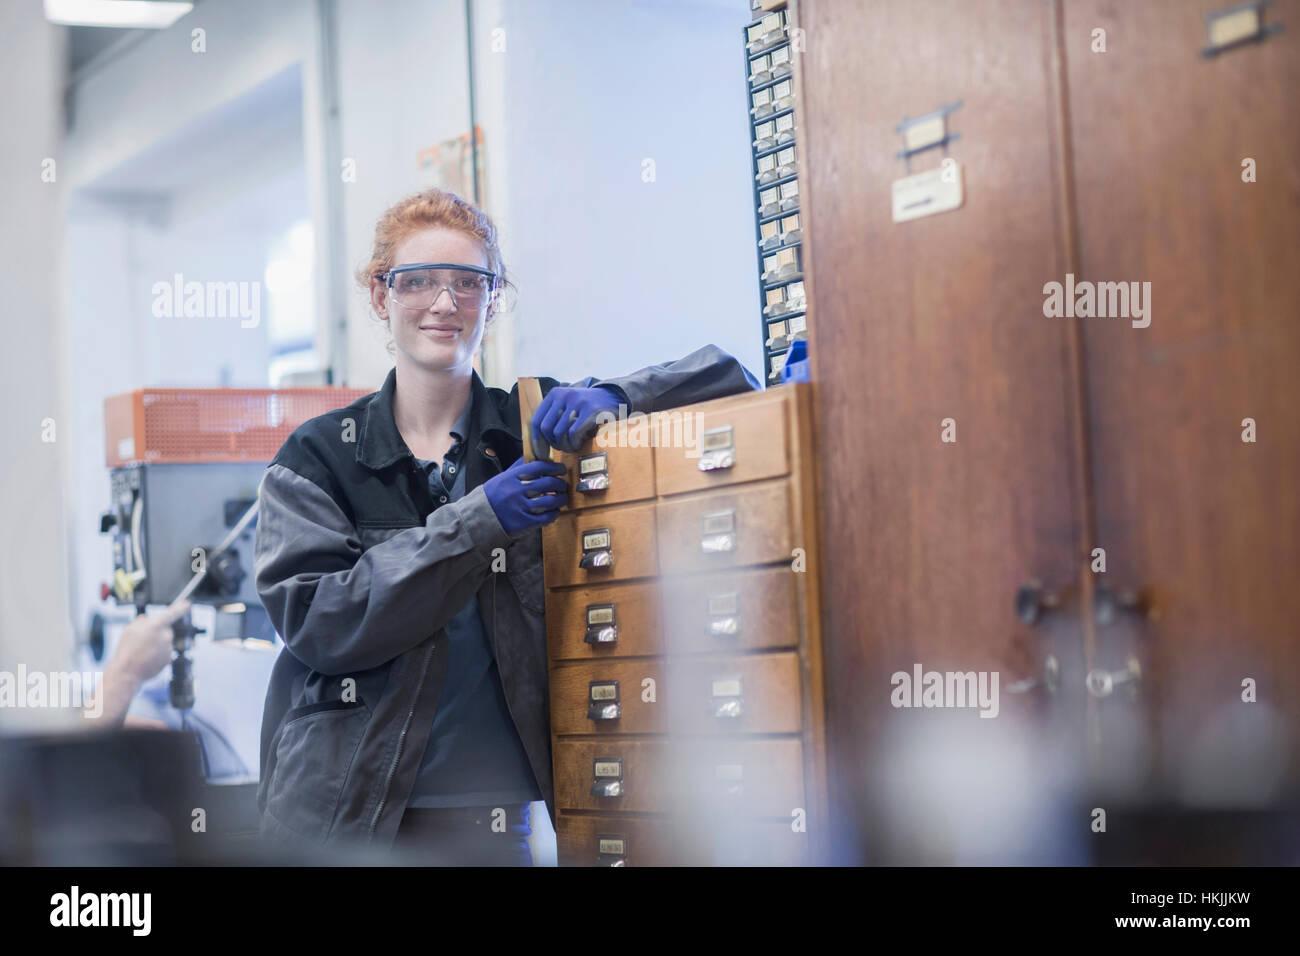 Ritratto di un giovane ingegnere femmina in piedi in un impianto industriale di Freiburg im Breisgau, Baden-Württemberg, Immagini Stock